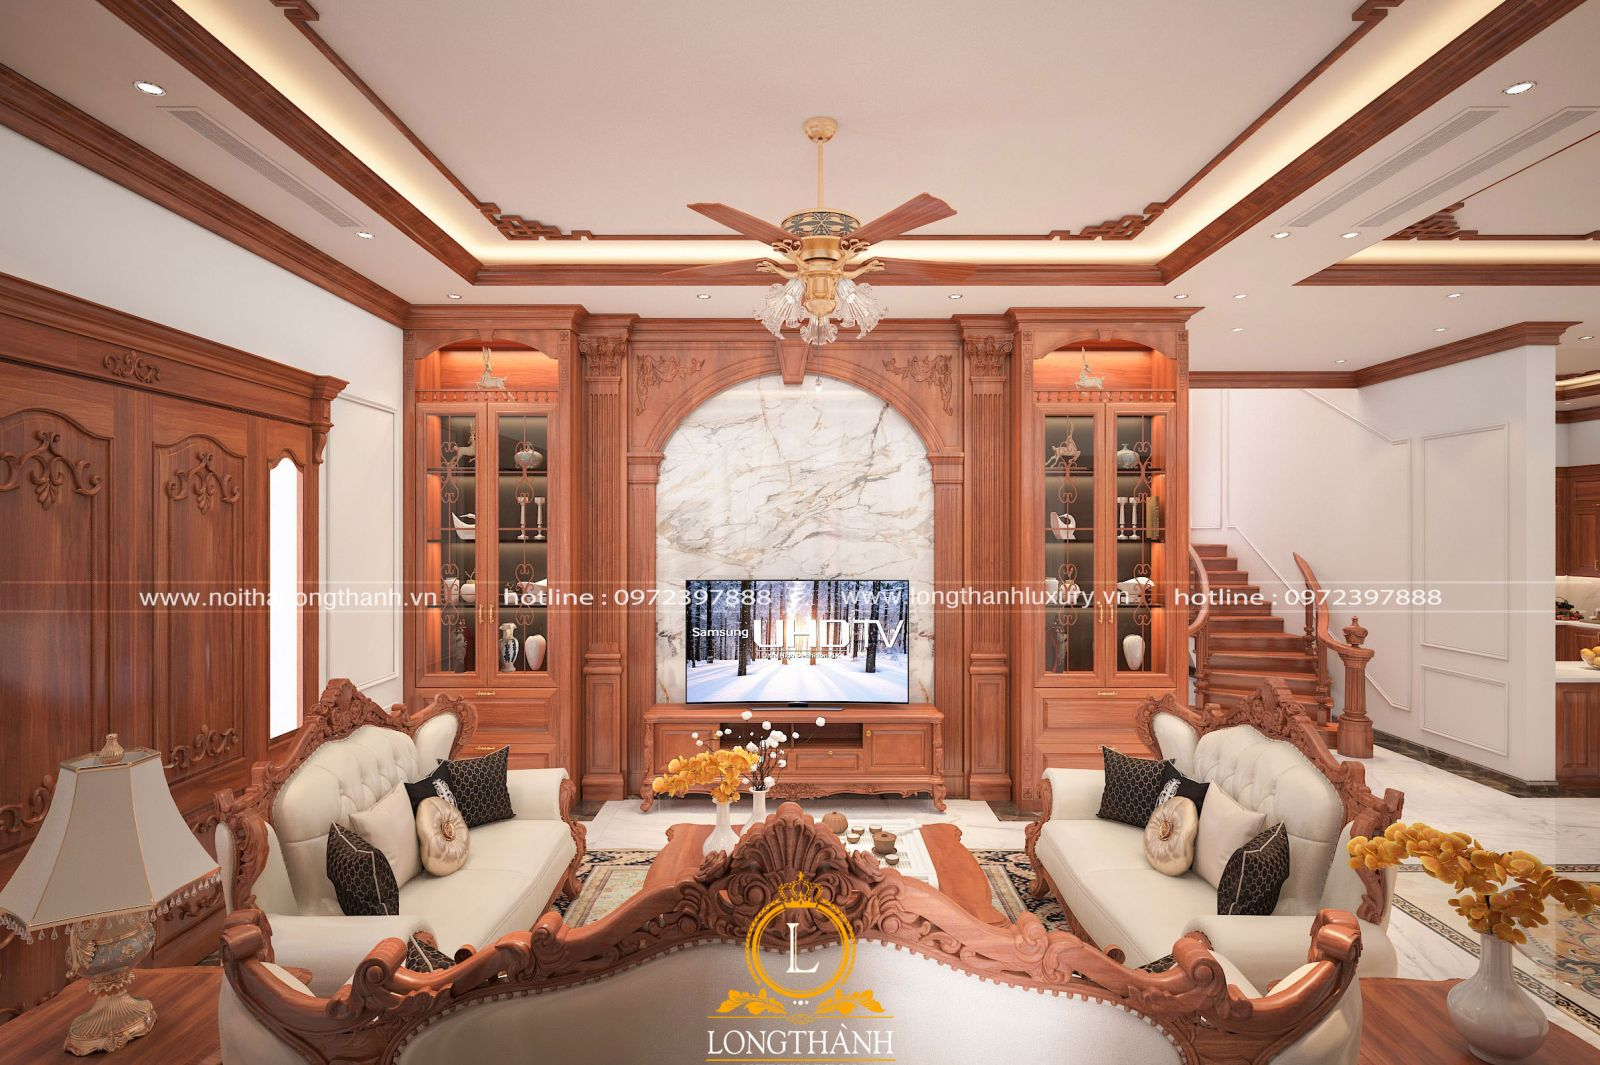 Phòng khách được thiết kế bố trí hài hòa và cân đối